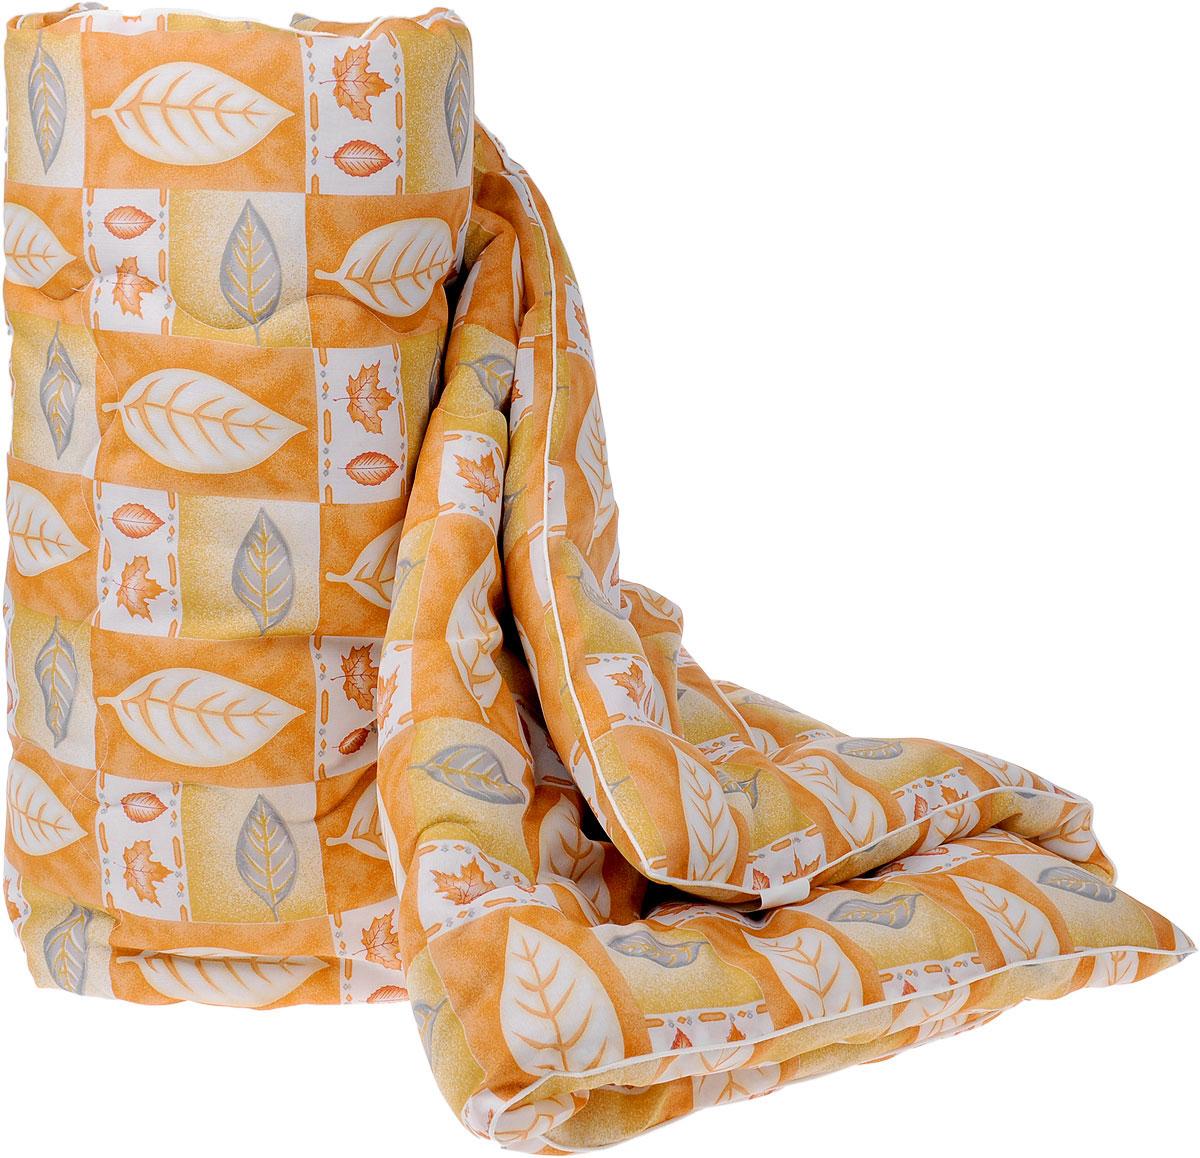 Одеяло Руно, наполнитель: овечья шерсть, вискоза, цвет: оранжевый, светло-коричневый, белый, 172 х 205 см126319101_оранж.листОдеяло Руно с наполнителем из 95% овечьей шерсти и 5% вискозы окутает вас своим теплом и нежностью. Лечебные свойства натуральной шерсти, которая стимулирует кровообращение и облегчает мышечные боли, а так же ее высокая терморегуляция, обеспечат здоровый и комфортный сон, создавая оптимальный микроклимат в постели. Чехол одеяла выполнен из ткани нового поколения биософт (полиэстер), которая отличается нежной шелковистой фактурой и высокой прочностью, надежно удерживает наполнитель внутри изделия. При правильном уходе одеяло Руно надолго сохранит свои свойства и привлекательный внешний вид.